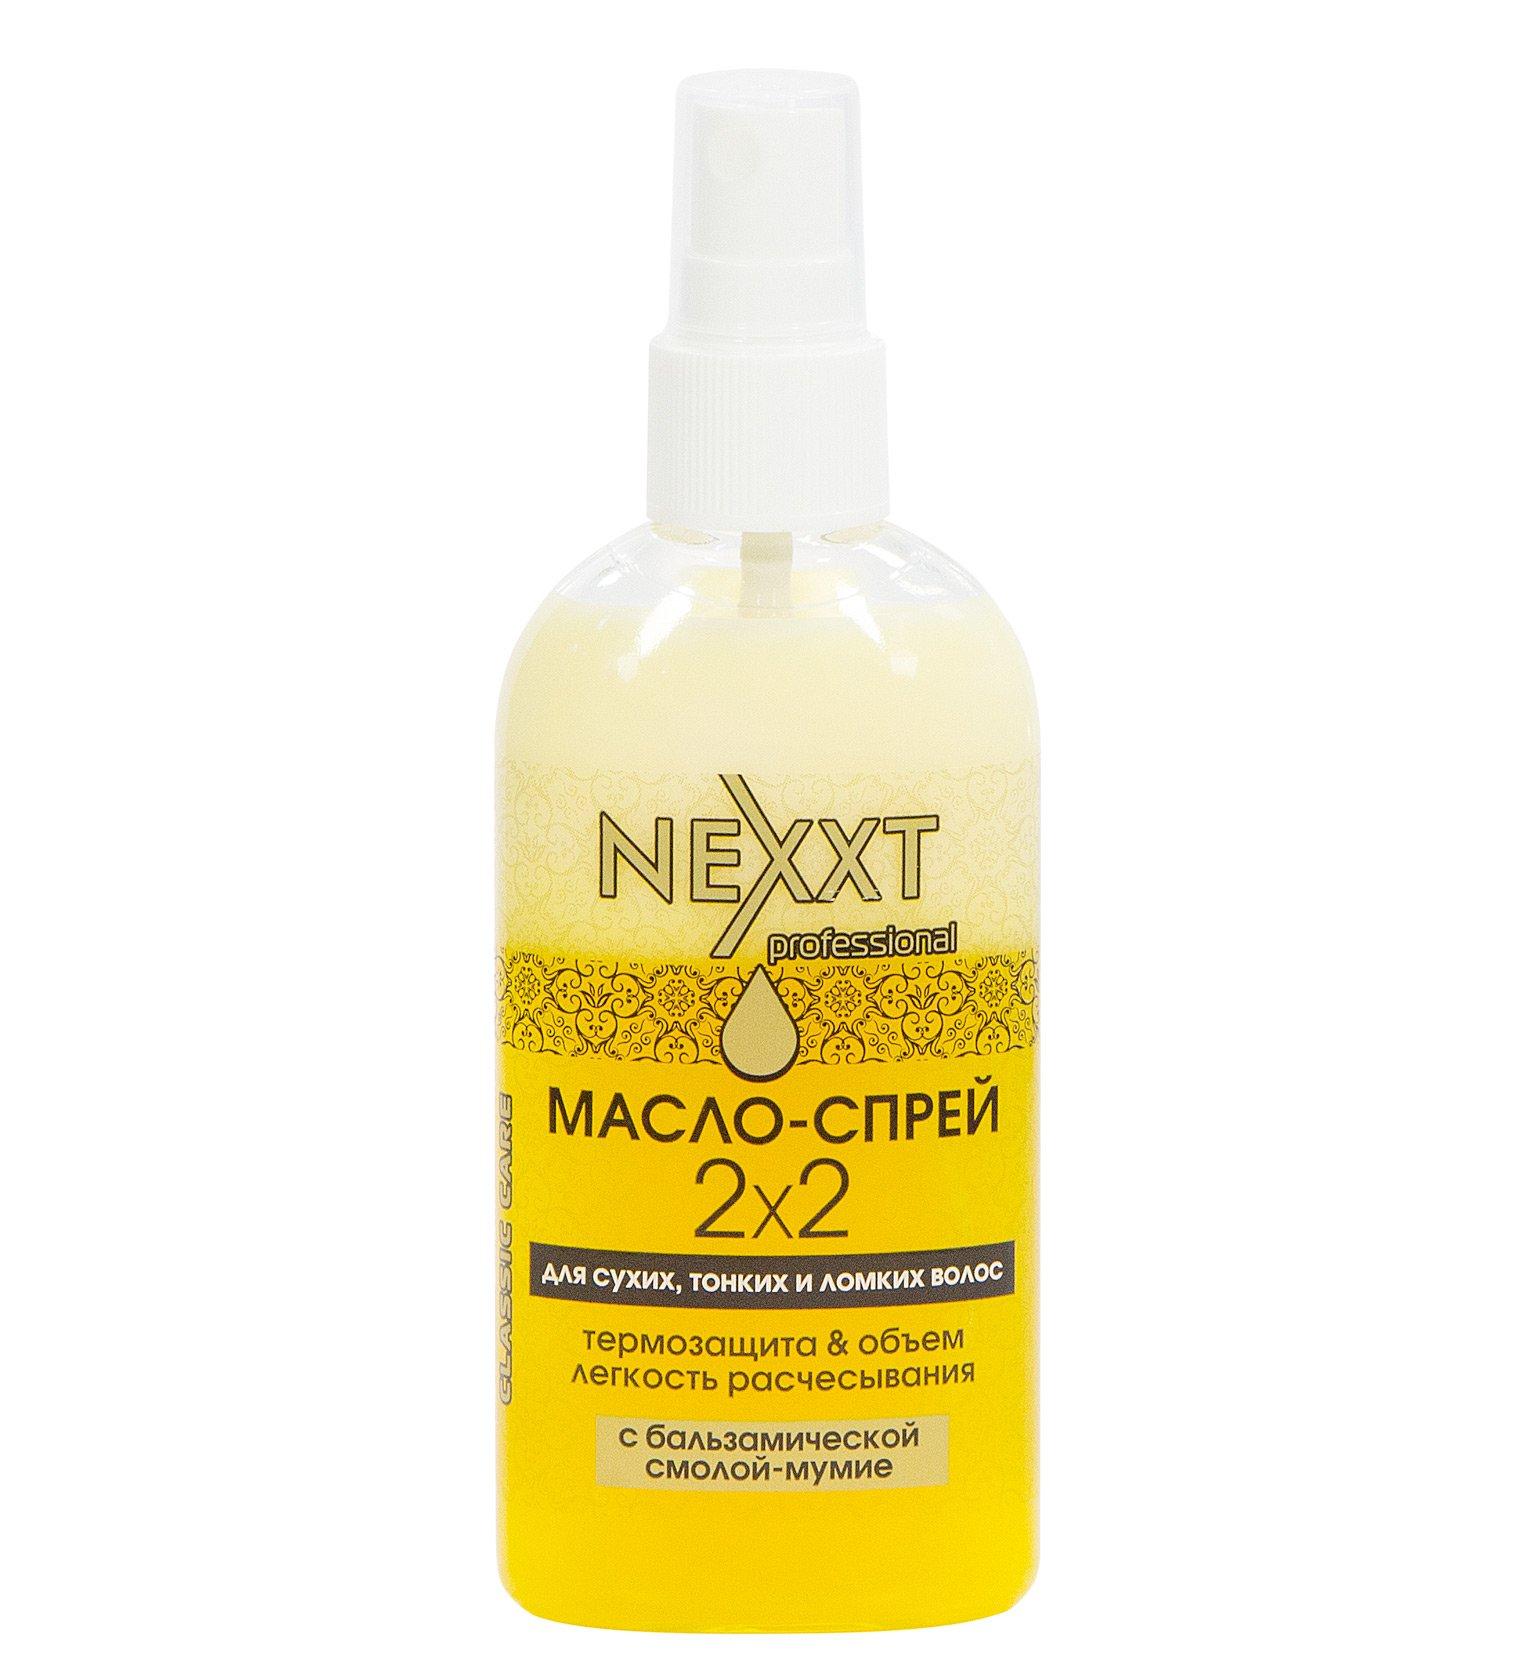 Спрей для волос nexxt для объема отзывы